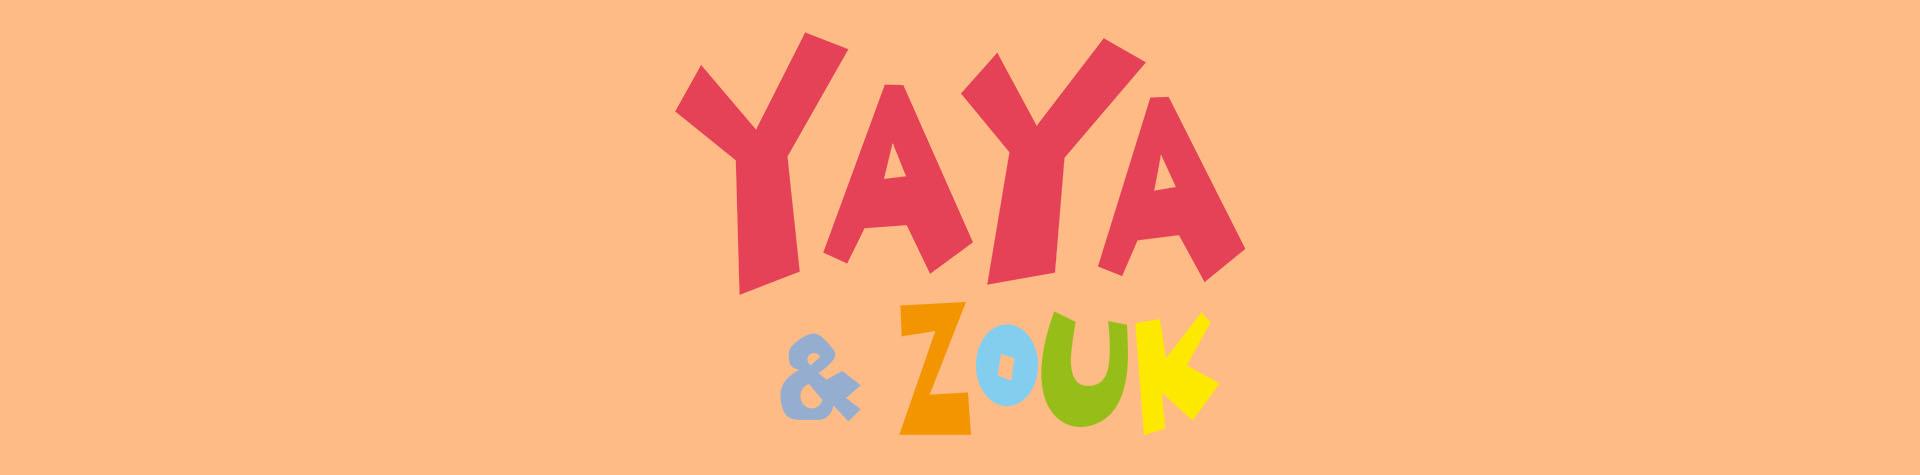 Logo Yaya et Zouk